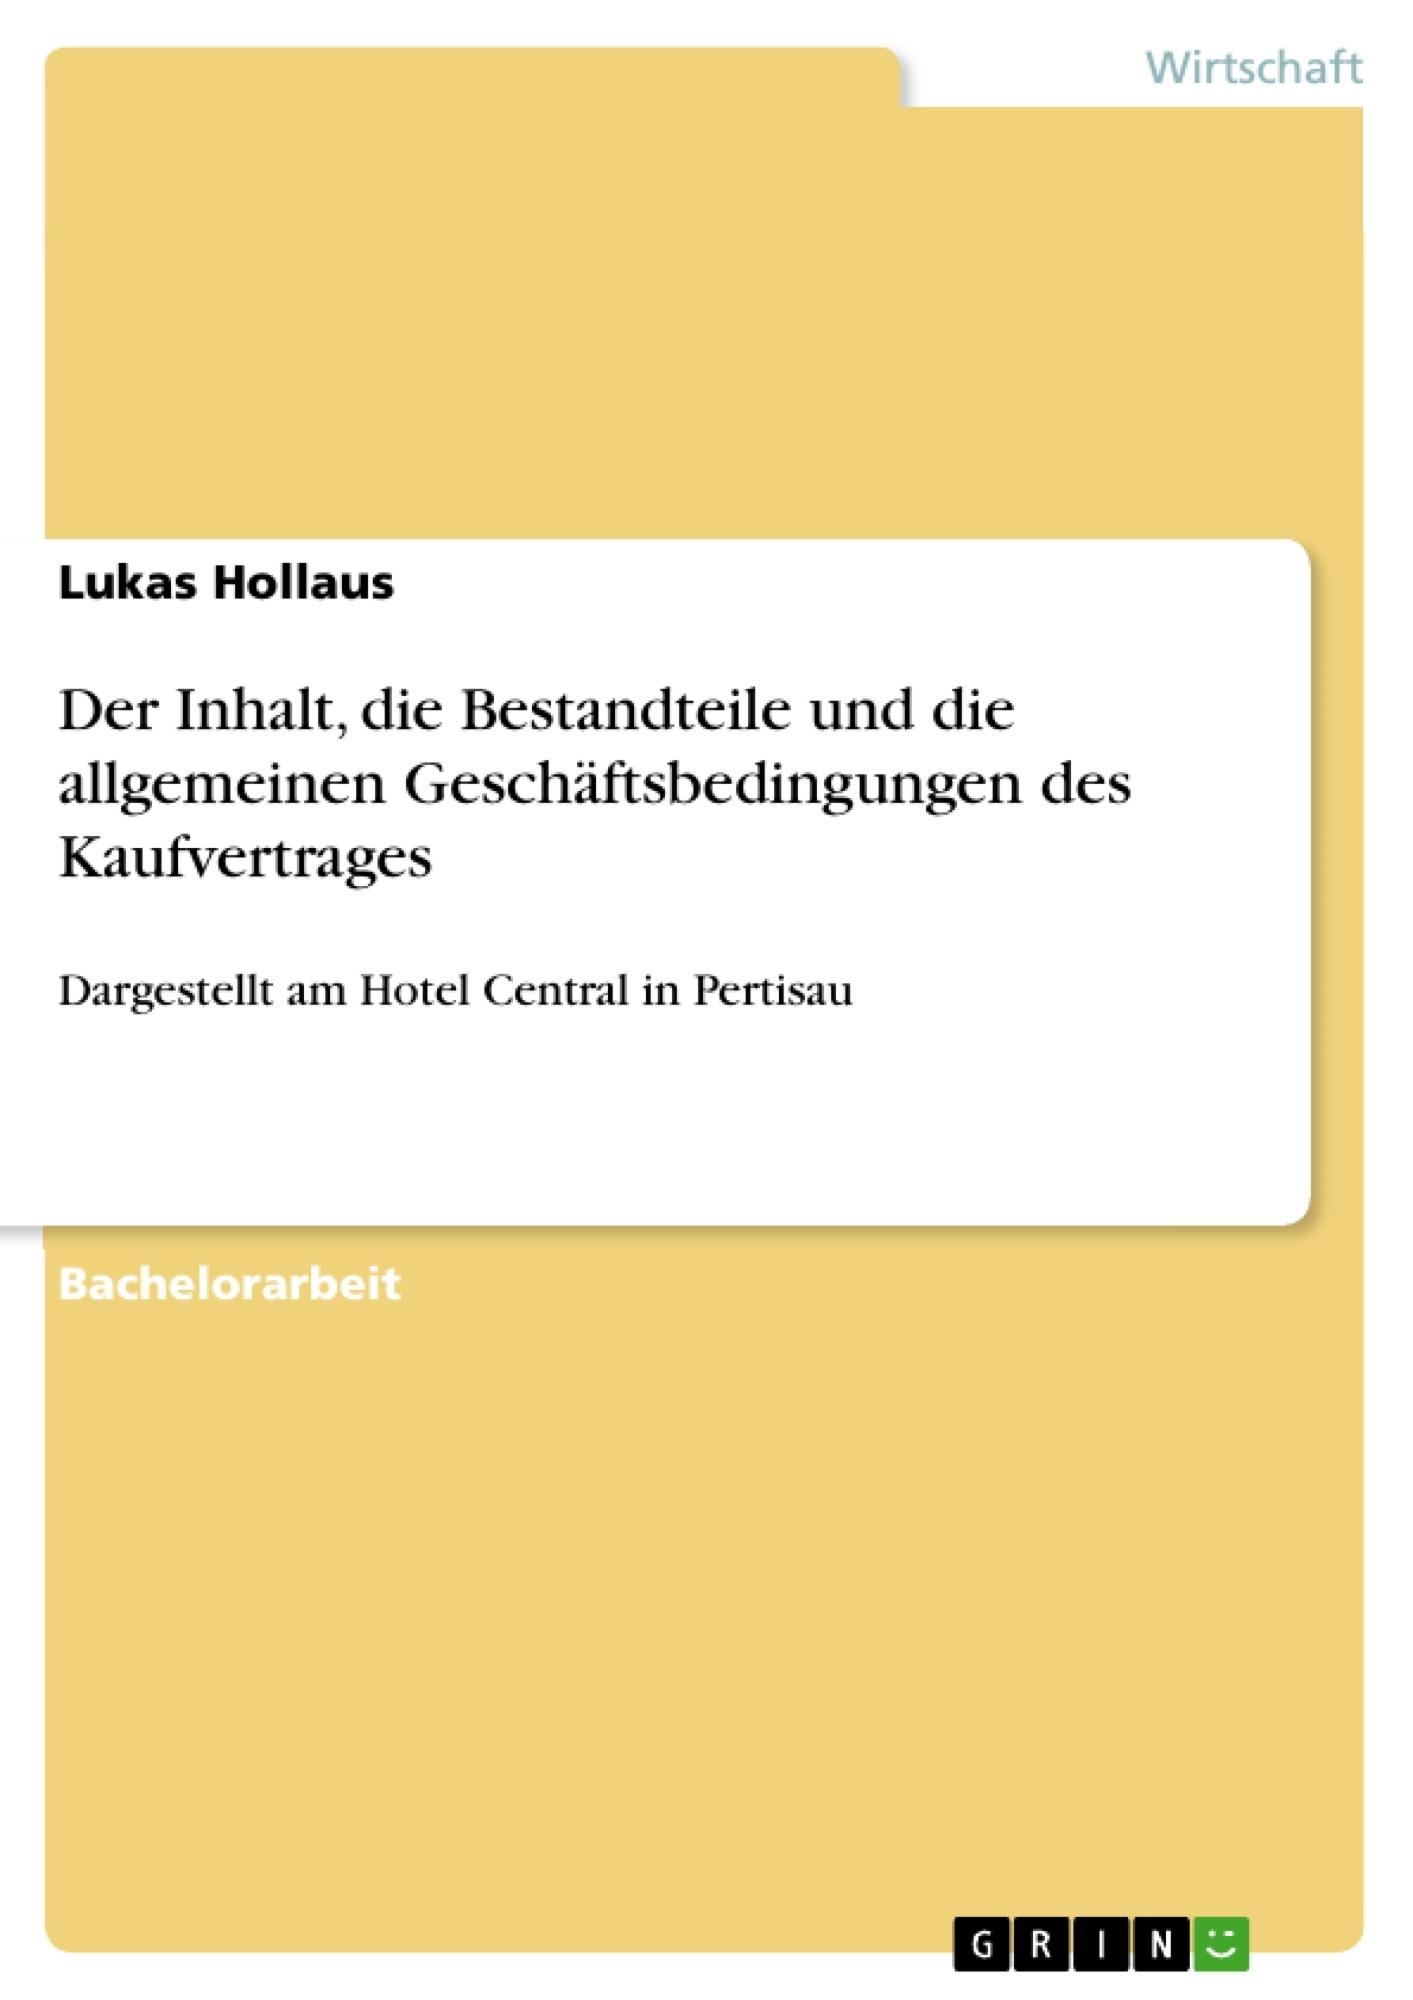 Titel: Der Inhalt, die Bestandteile und die allgemeinen Geschäftsbedingungen des Kaufvertrages